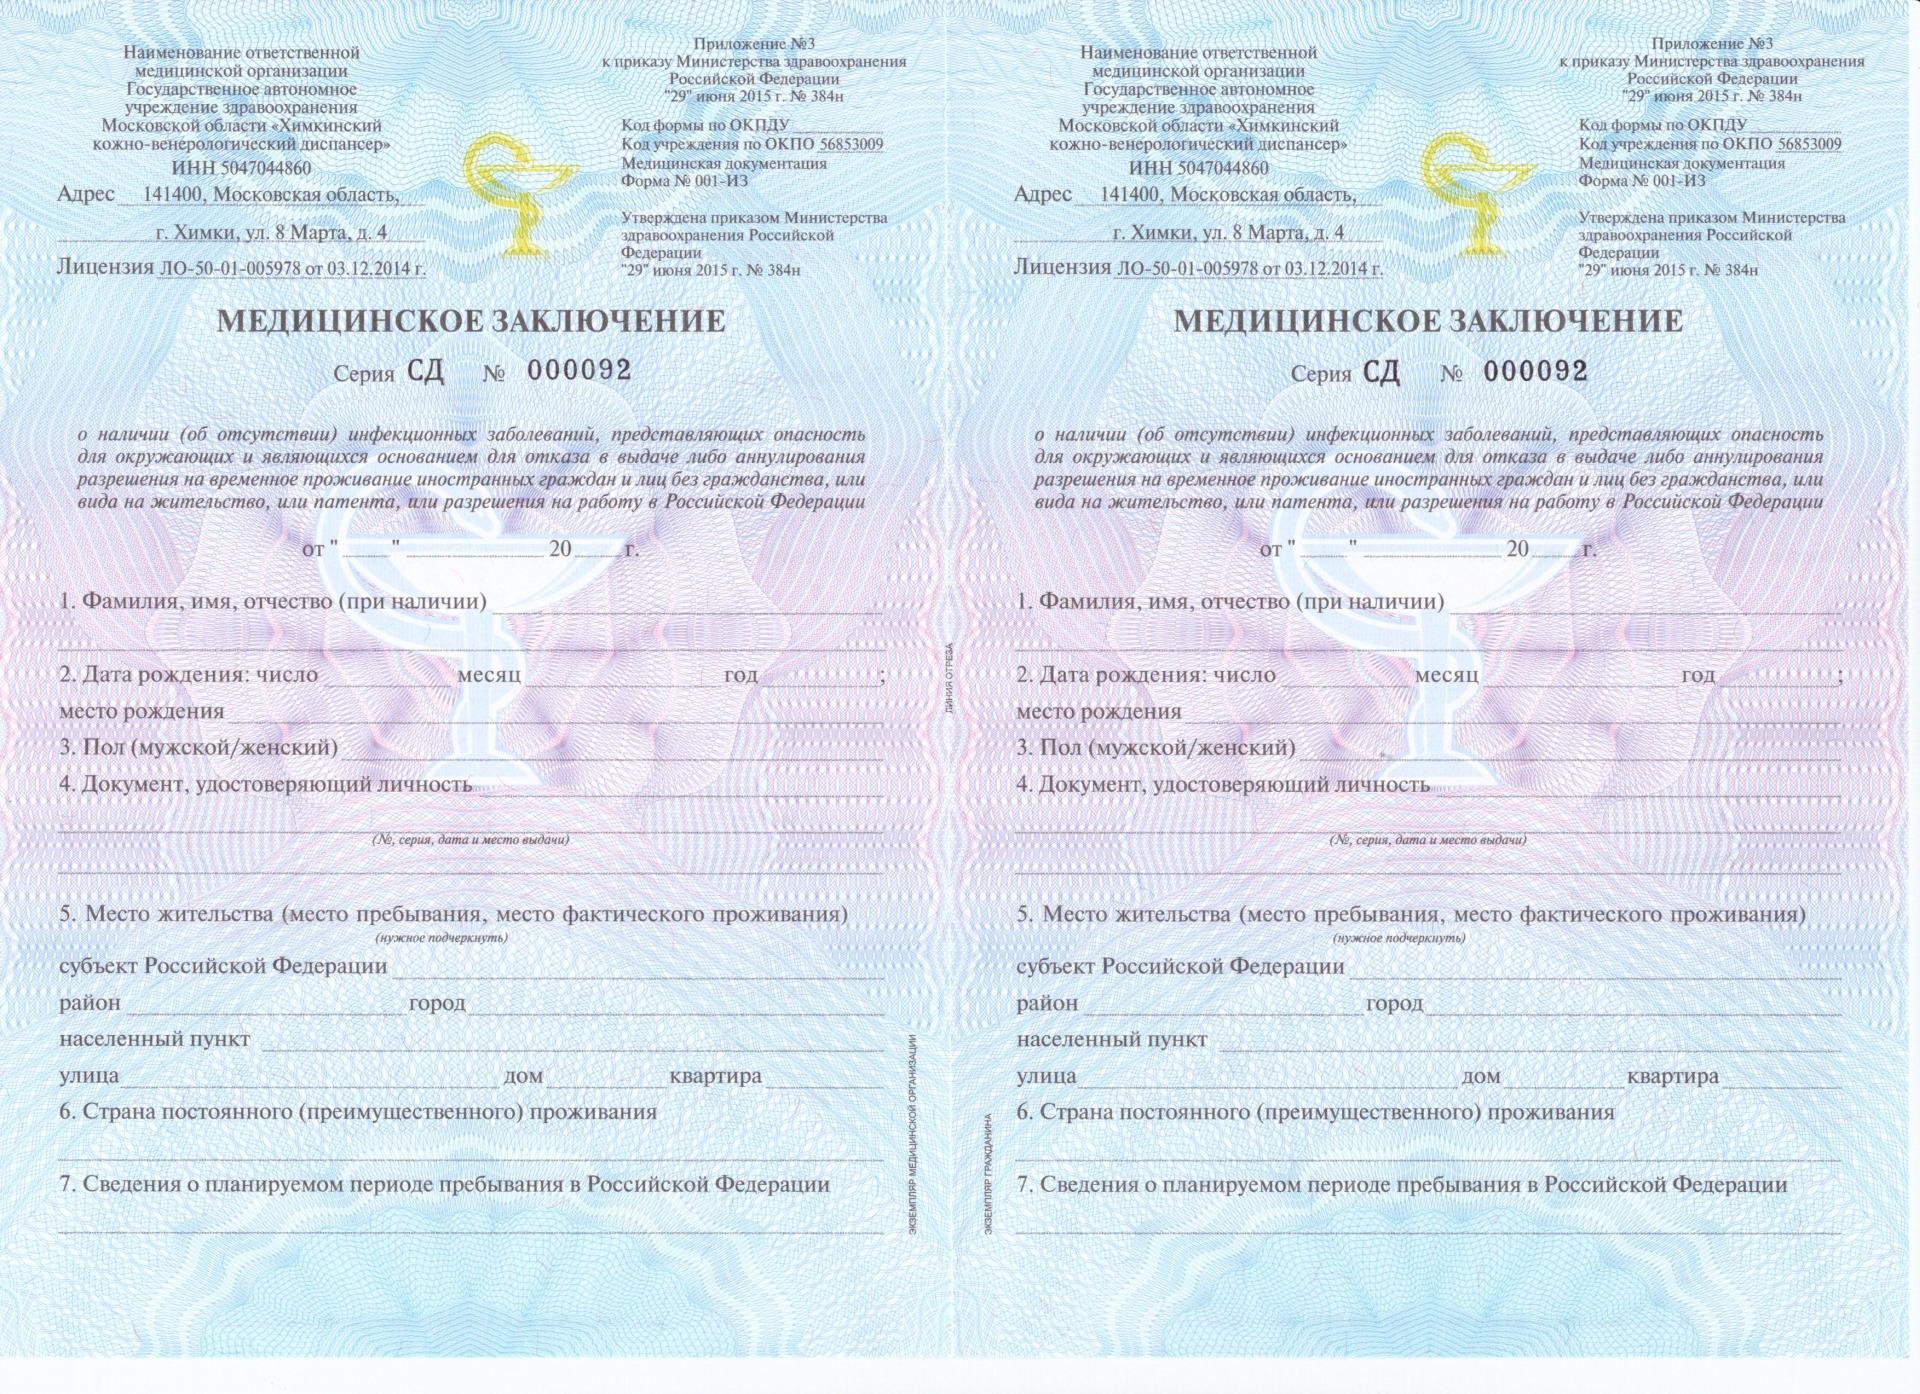 Официальная медицинская справка для ФМС (РВП, ВНЖ)